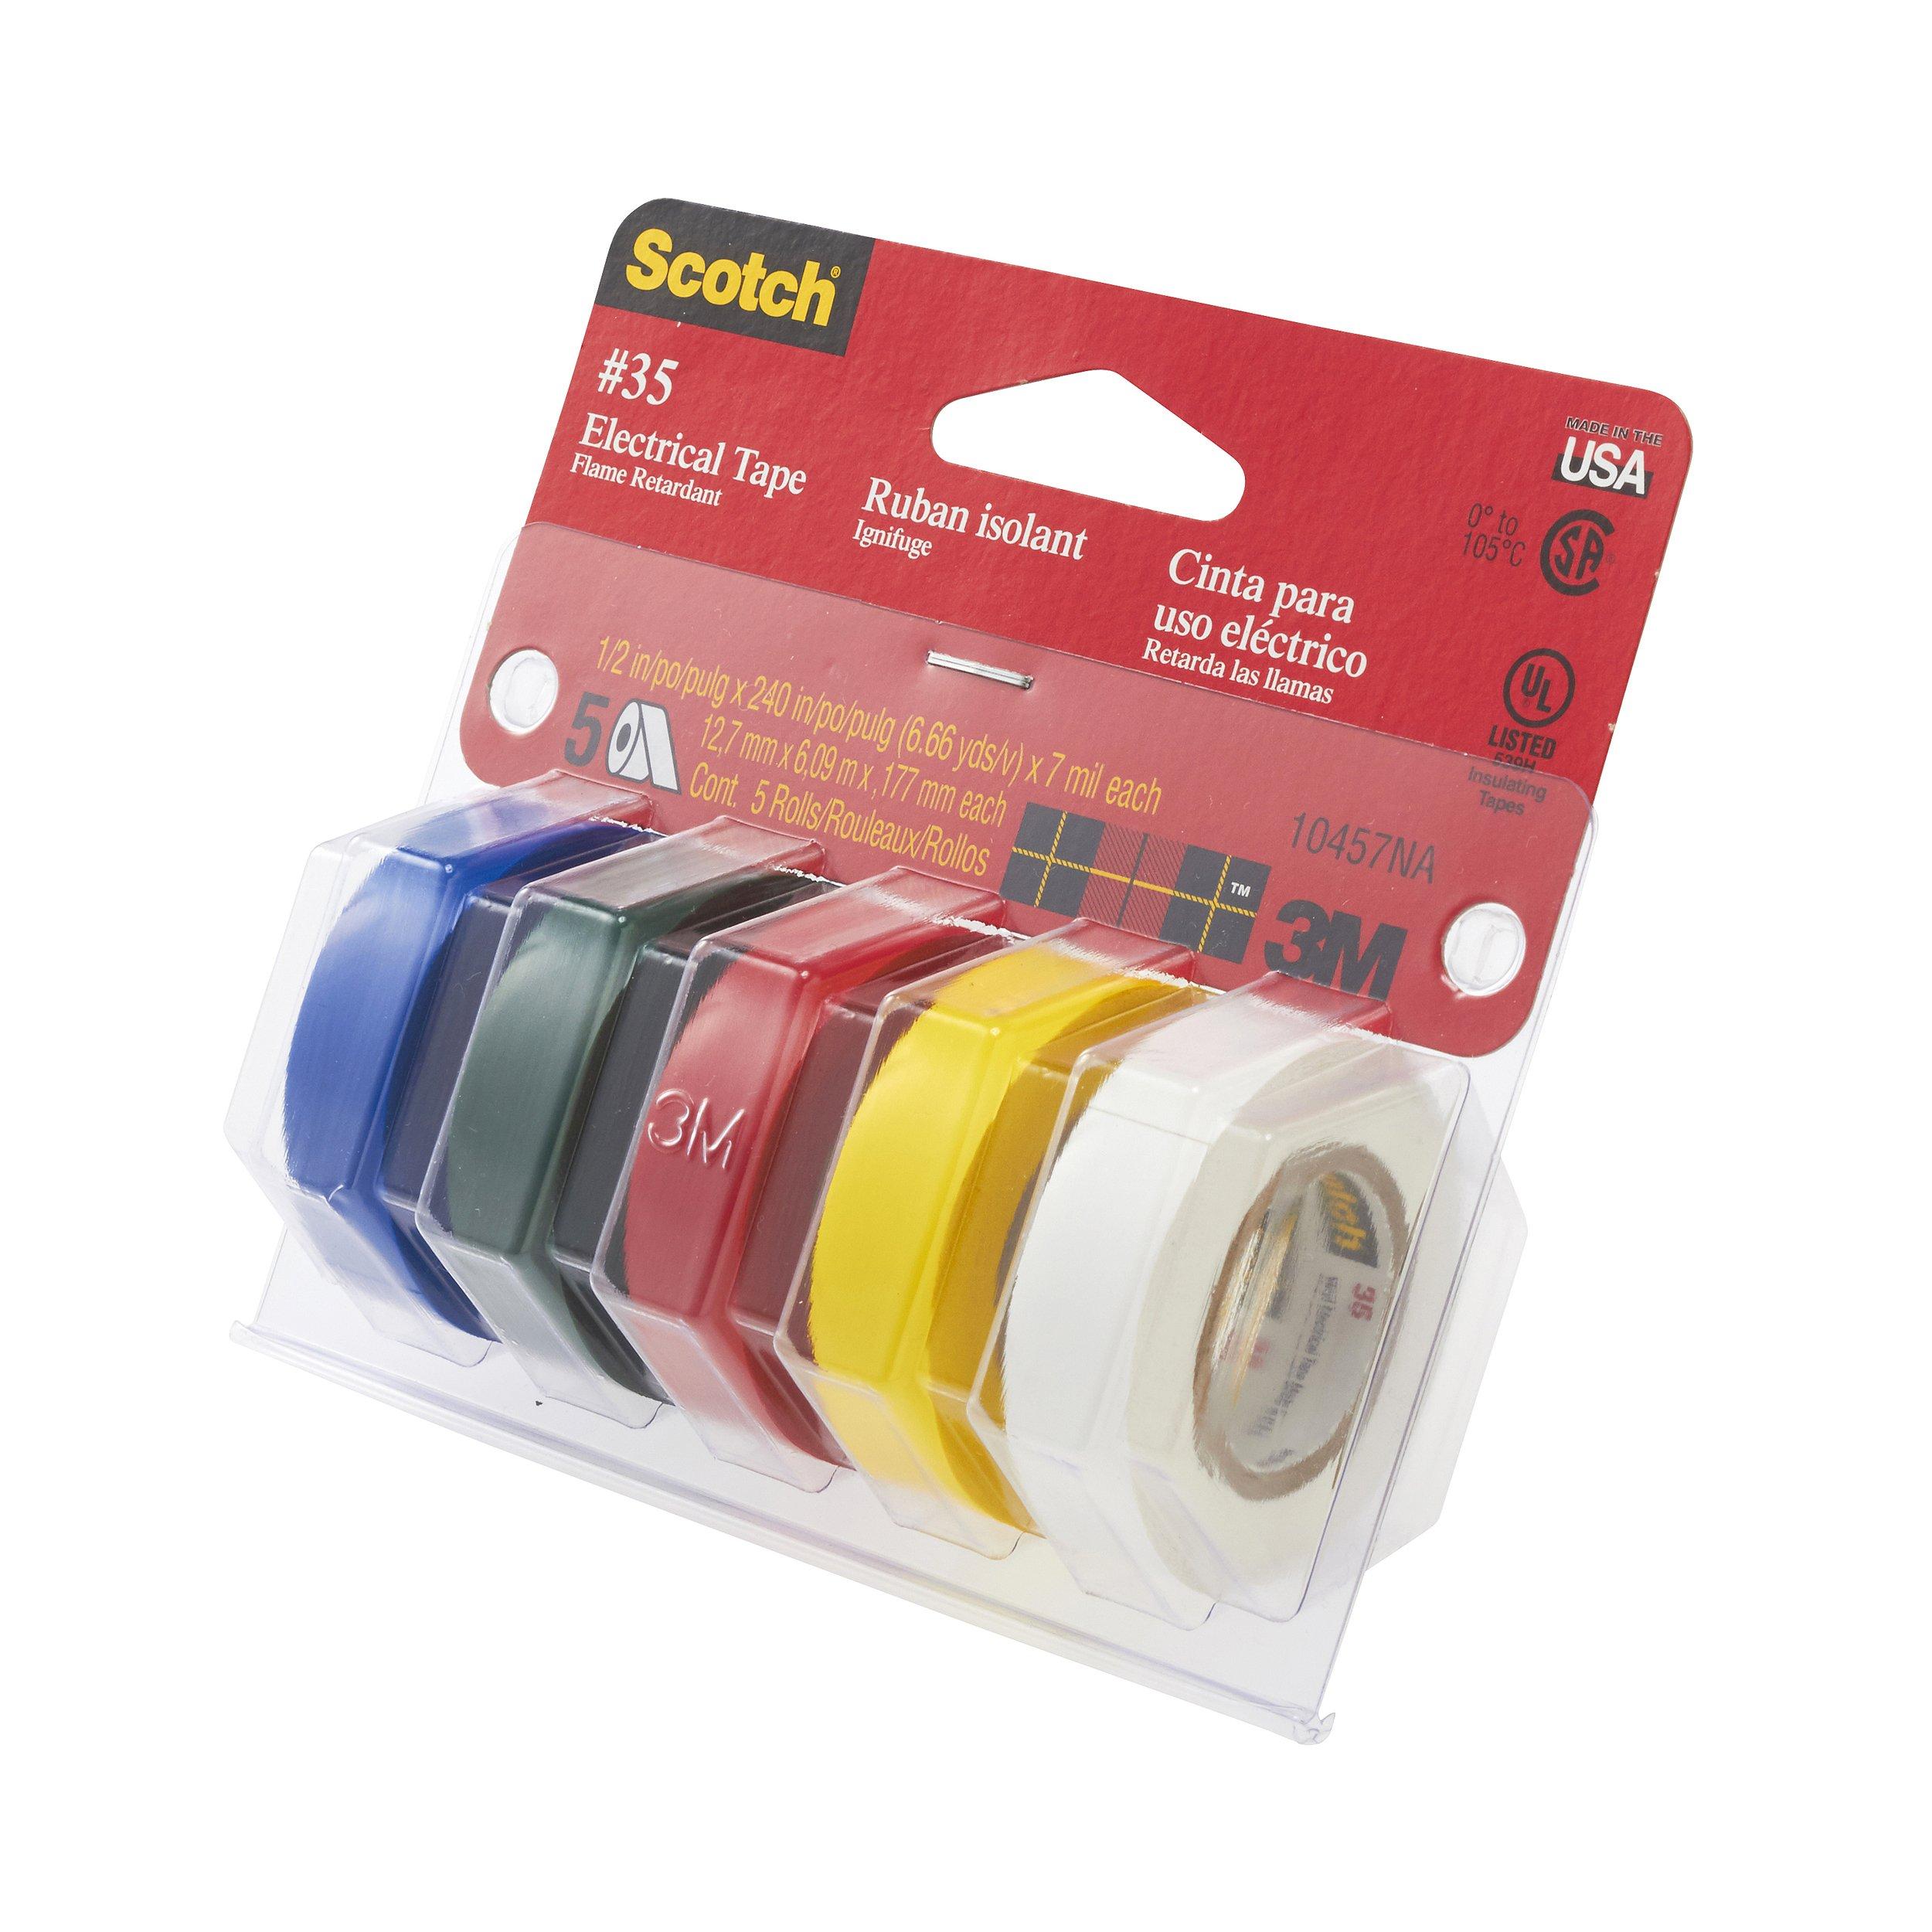 3M Scotch #35 Electrical Tape Value Pack (10457NA)